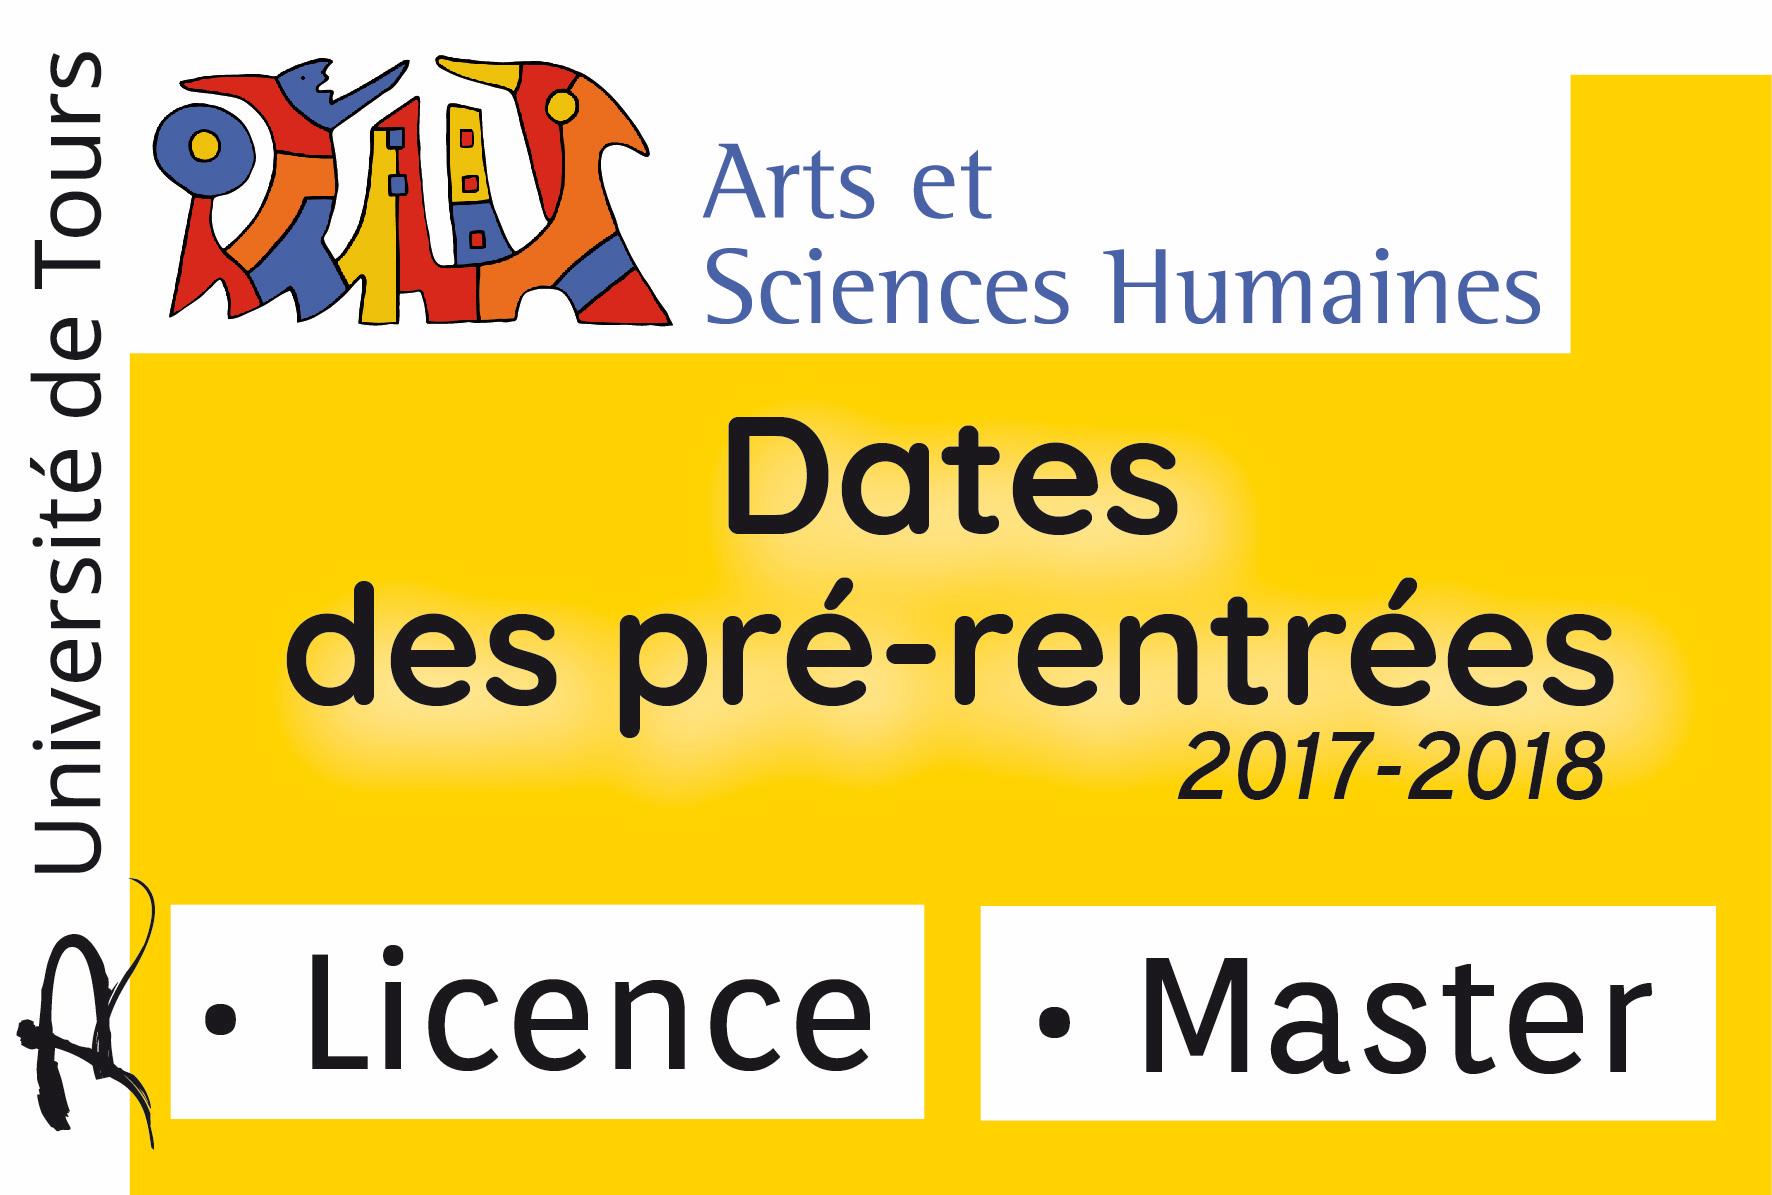 Dates des pré-rentrées en licence et master 2017-2018.jpg